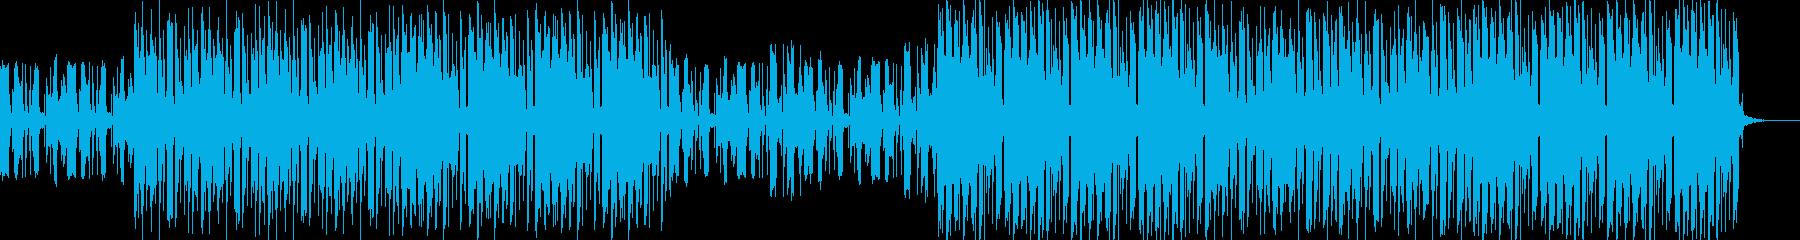 ダーク・ダーティー・EDM7の再生済みの波形